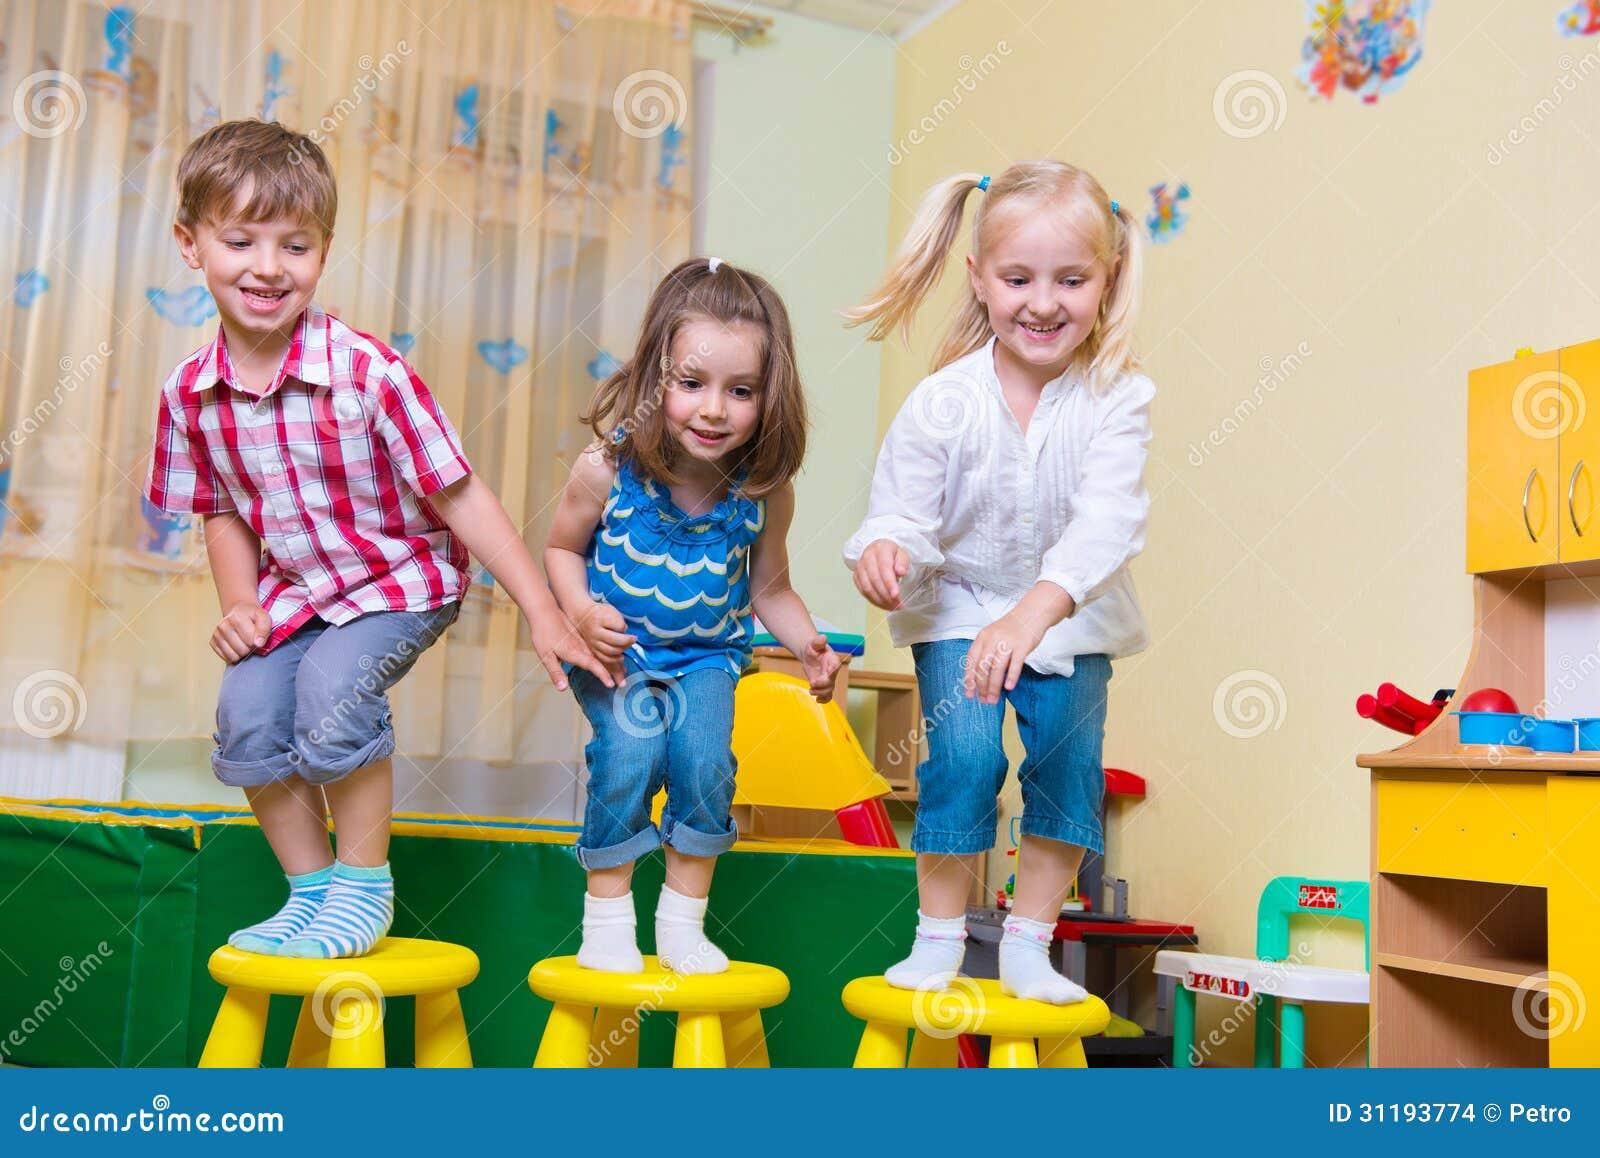 Worksheet Kindergarten Kids kindergarten kids images usseek com group of happy preschool jumping stock image 31193774